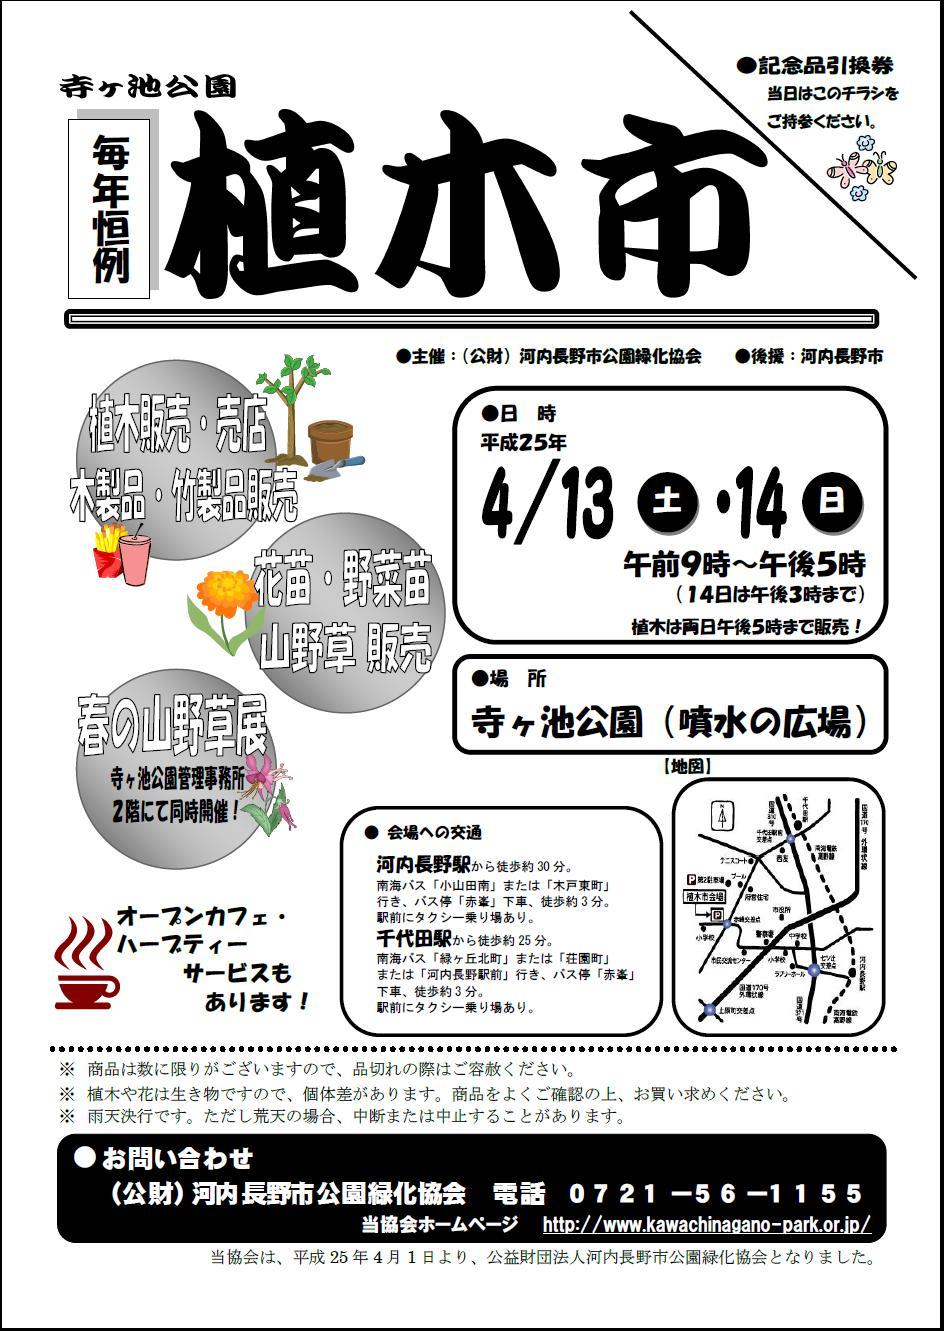 4月13日・14日開催